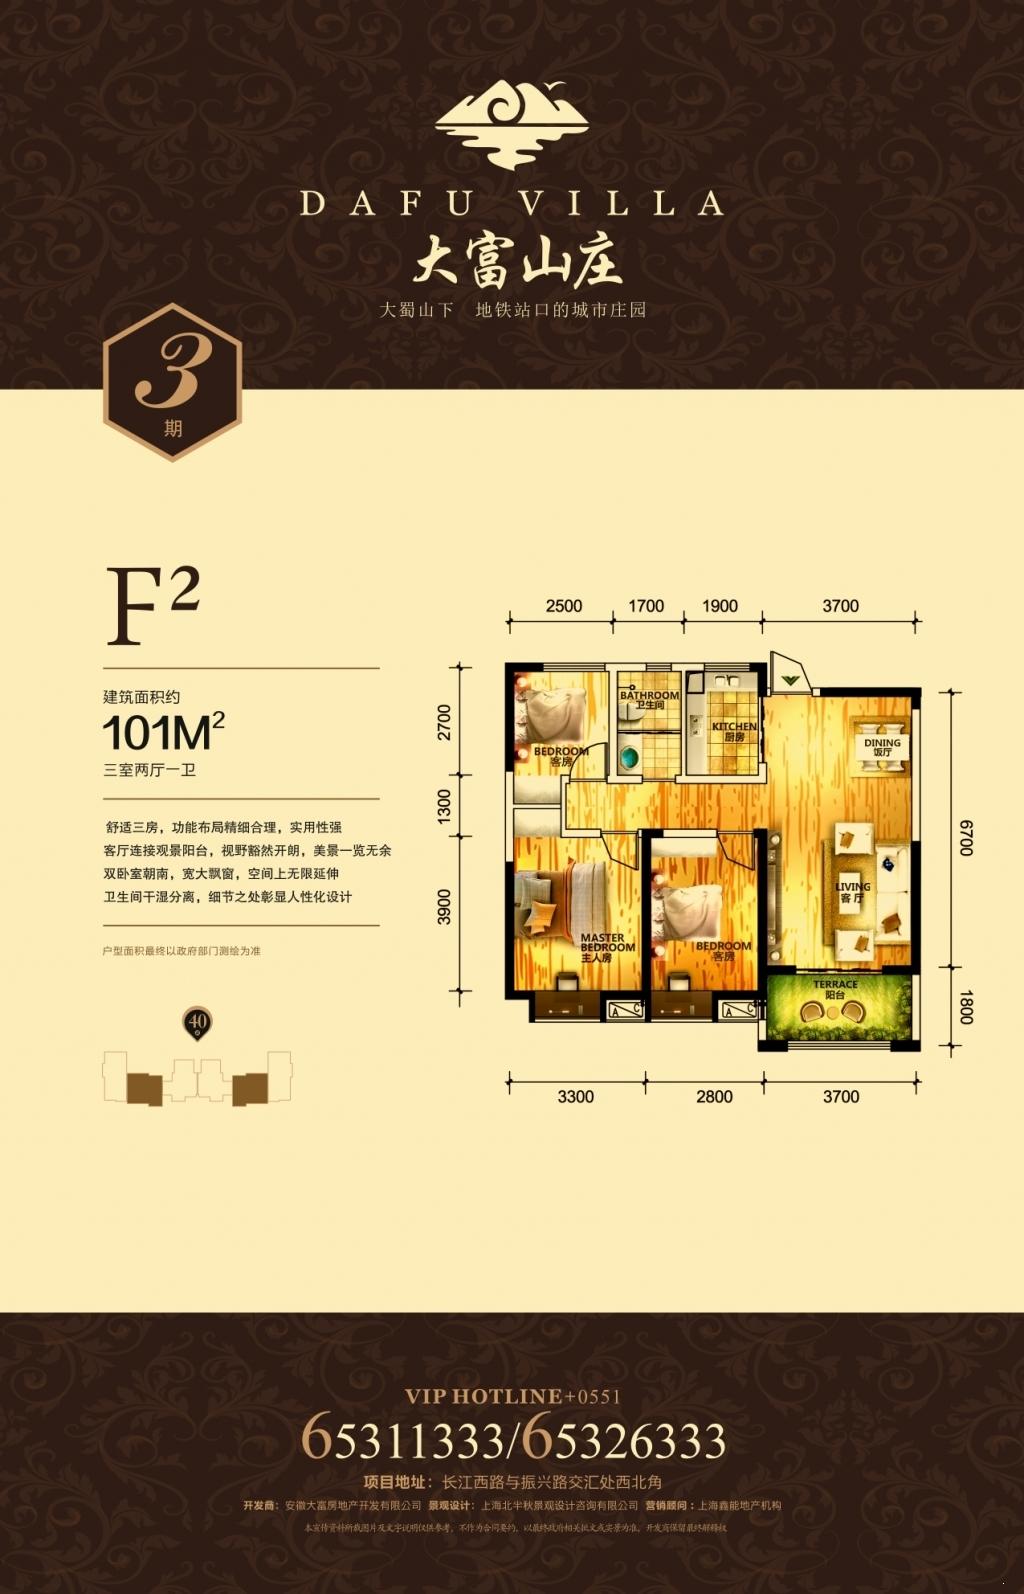 大富山庄三期高层40#楼F2